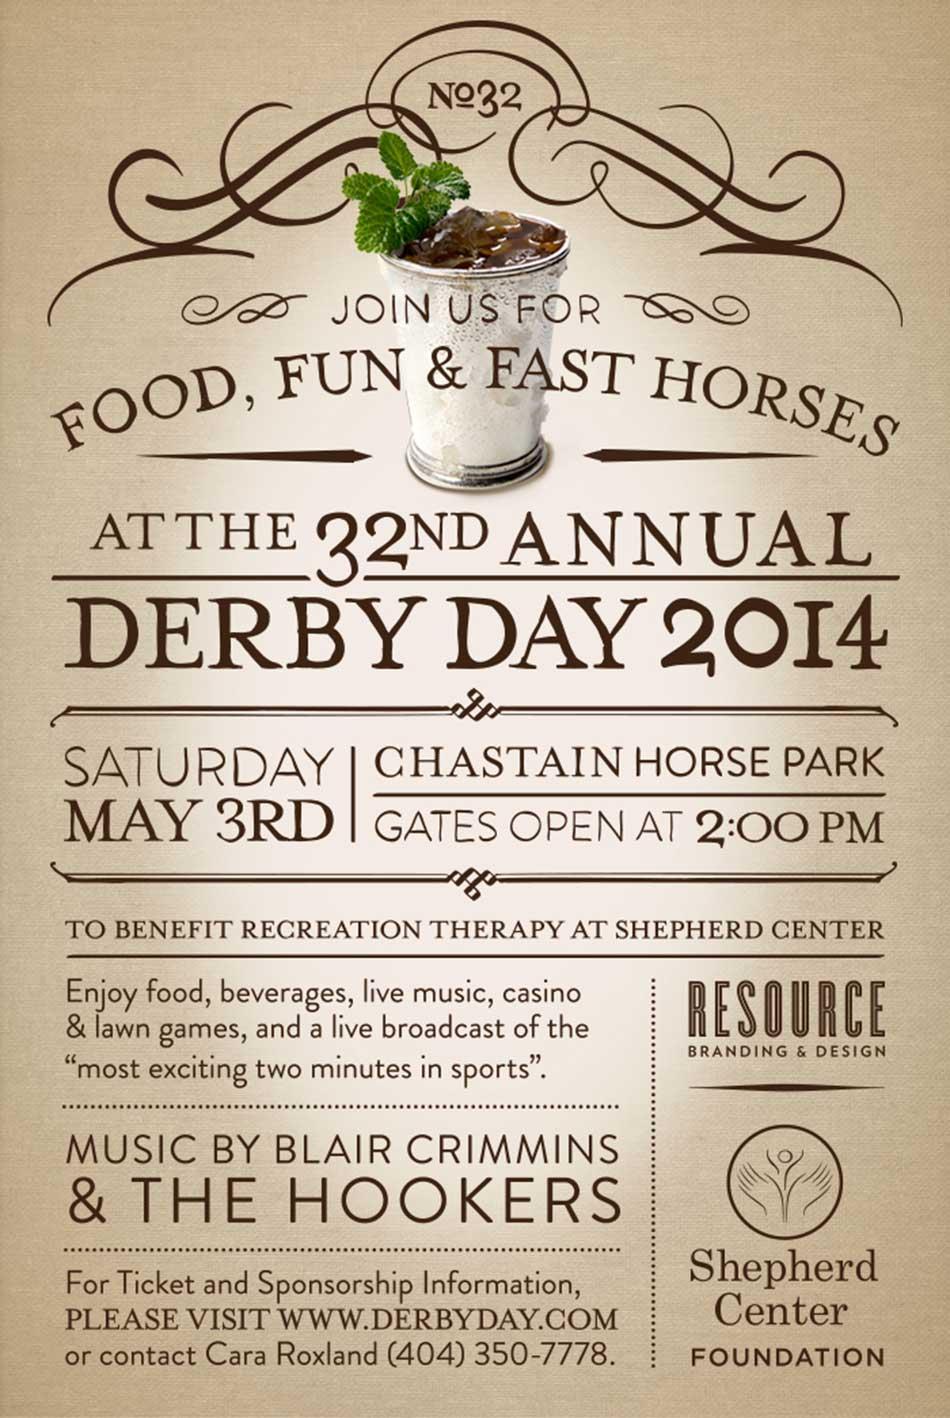 Derby Day 2014